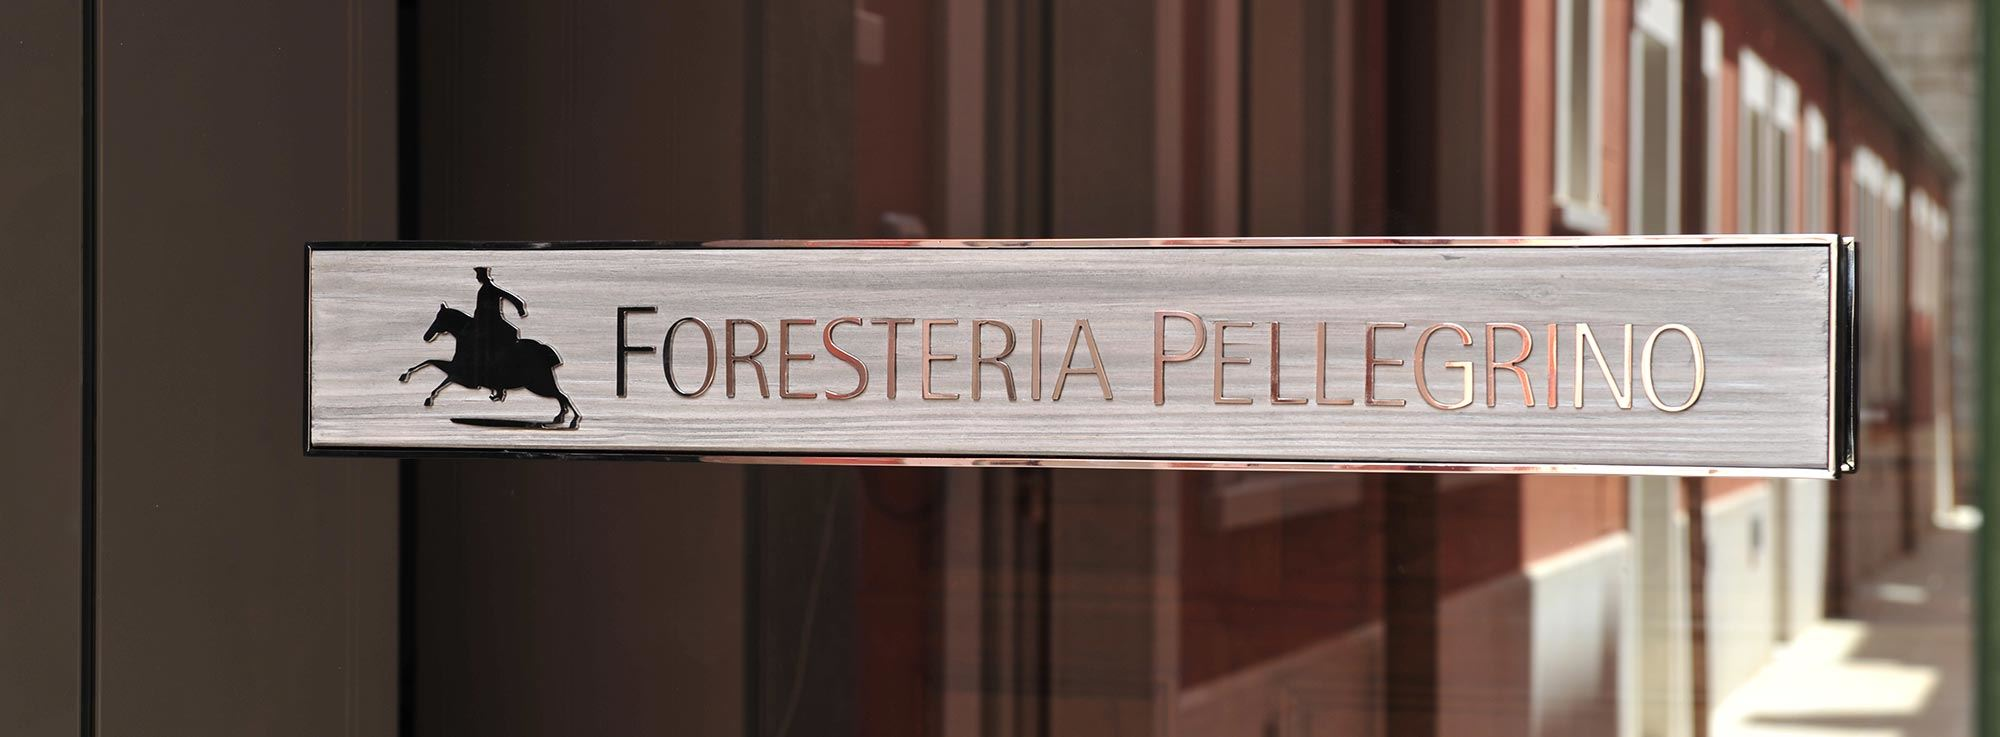 Foresteria Pellegrino Andria